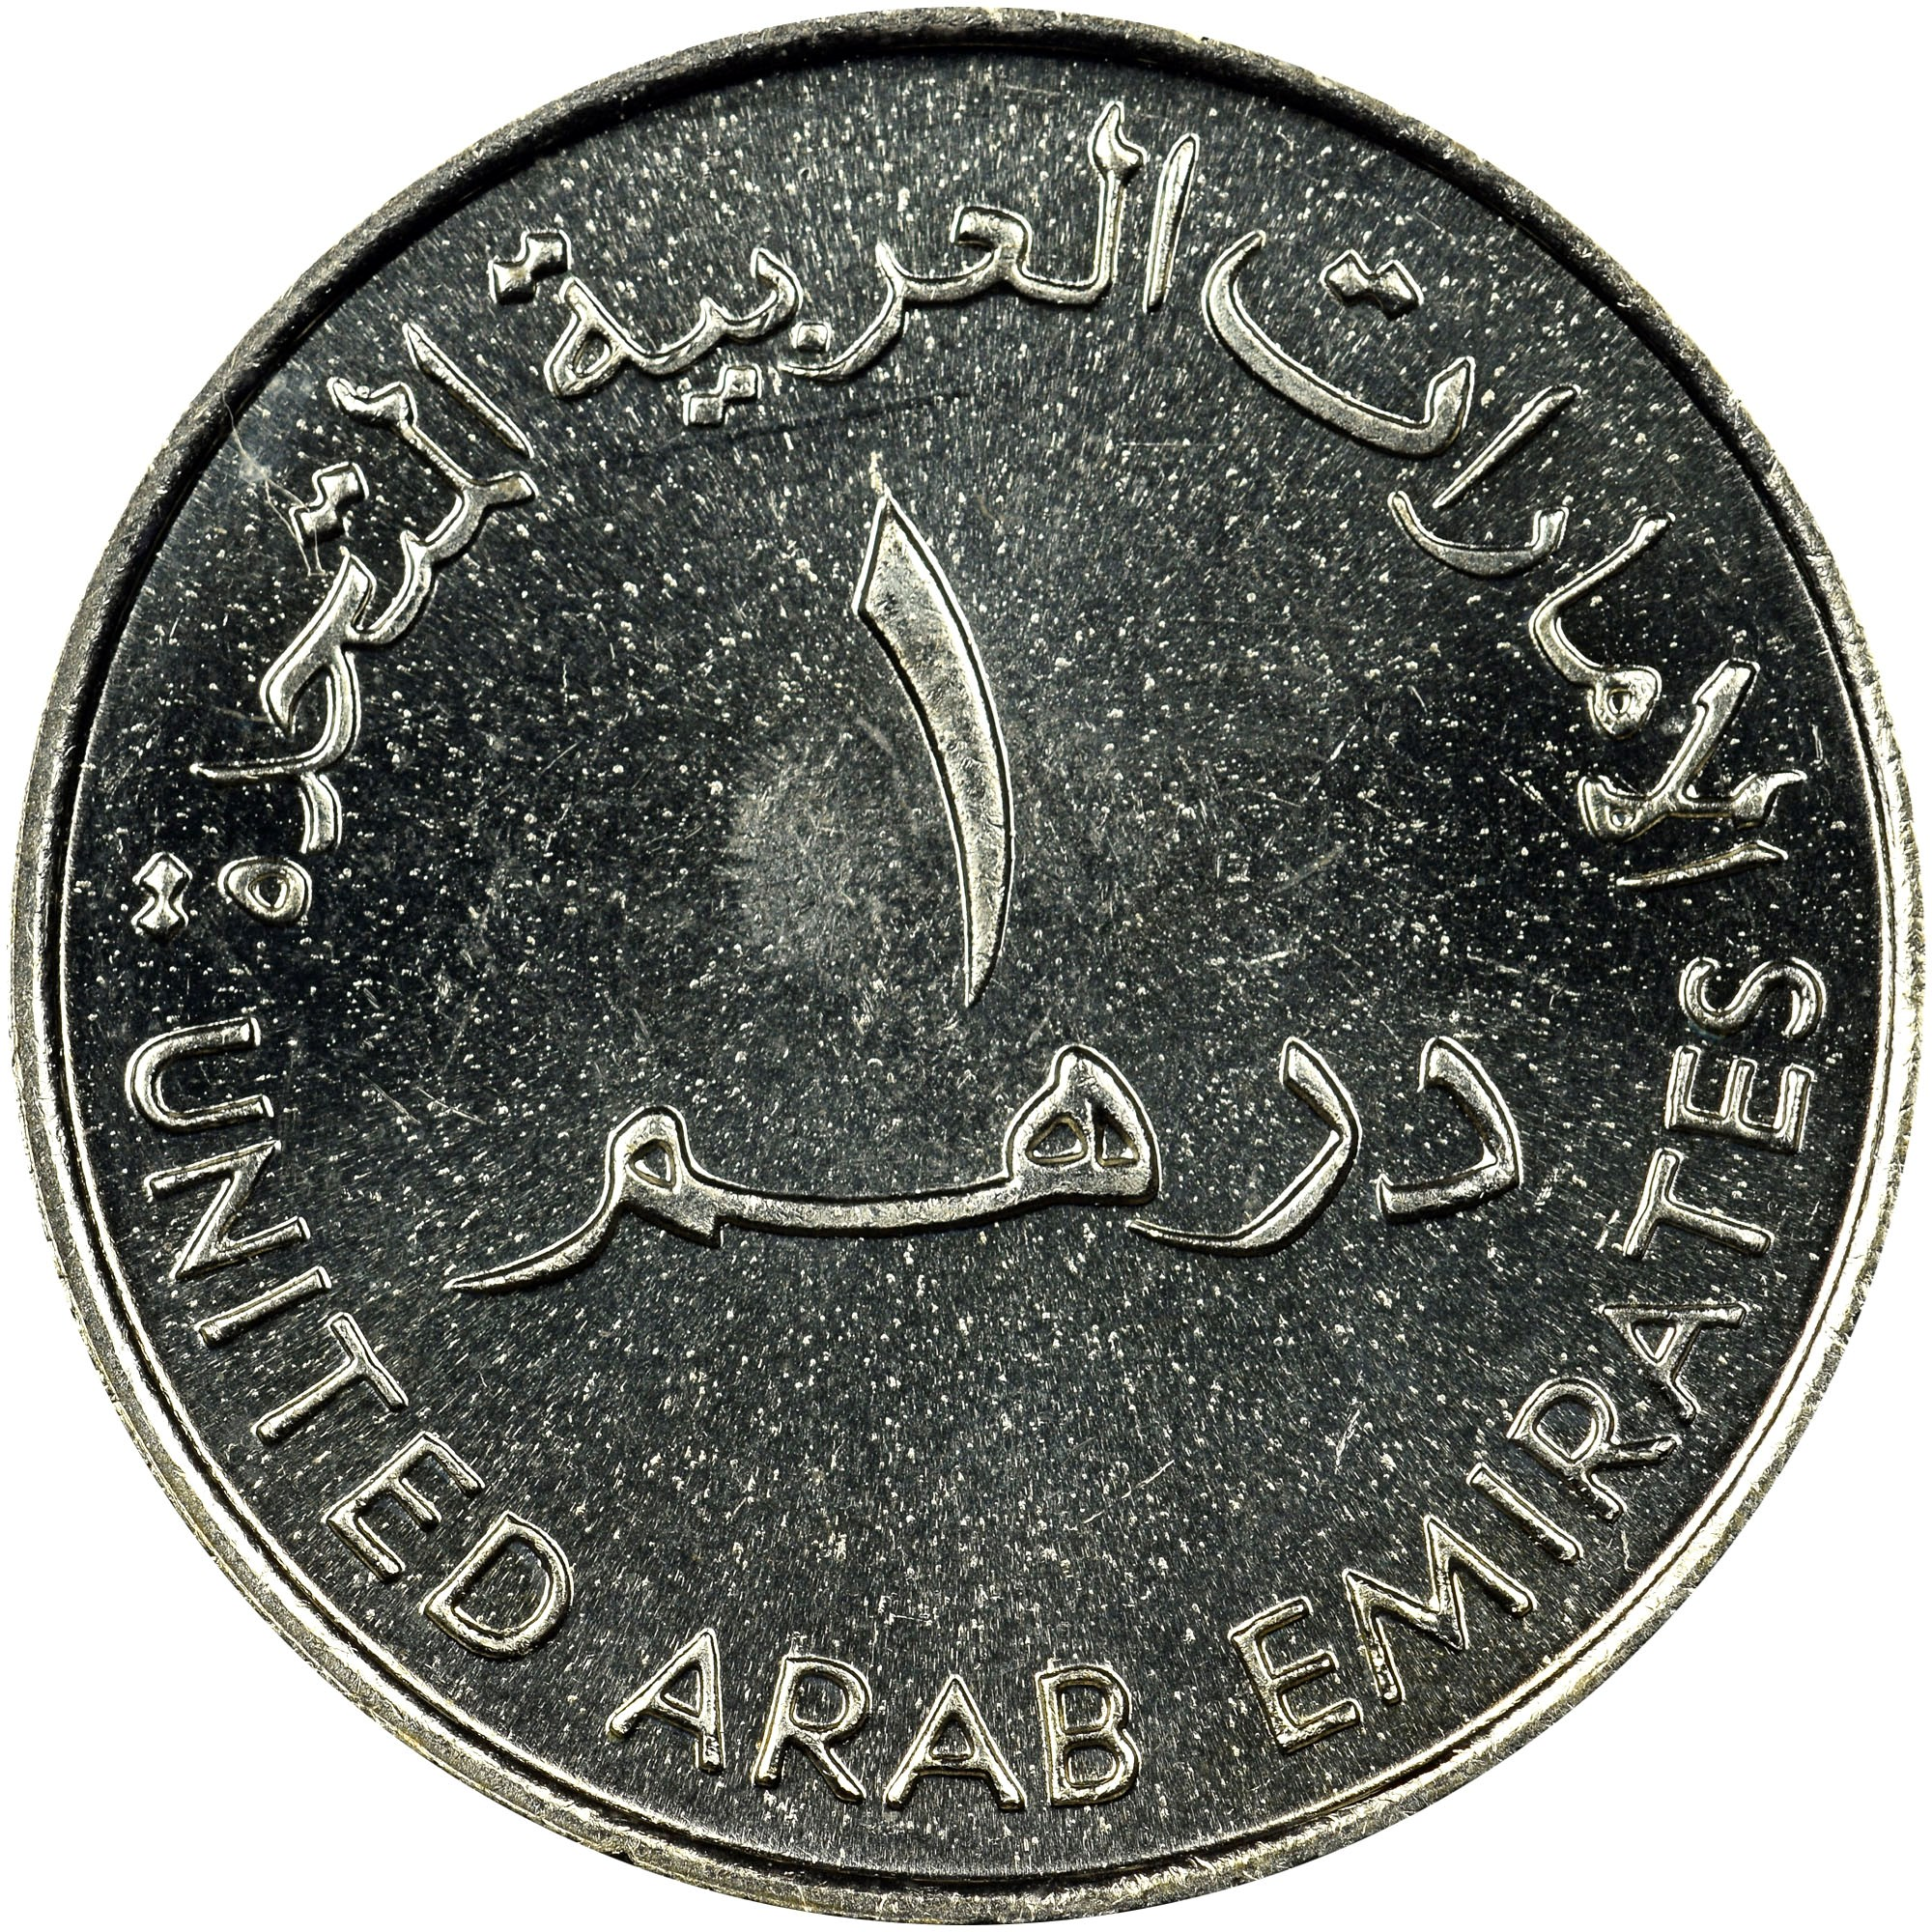 United Arab Emirates Dirham obverse